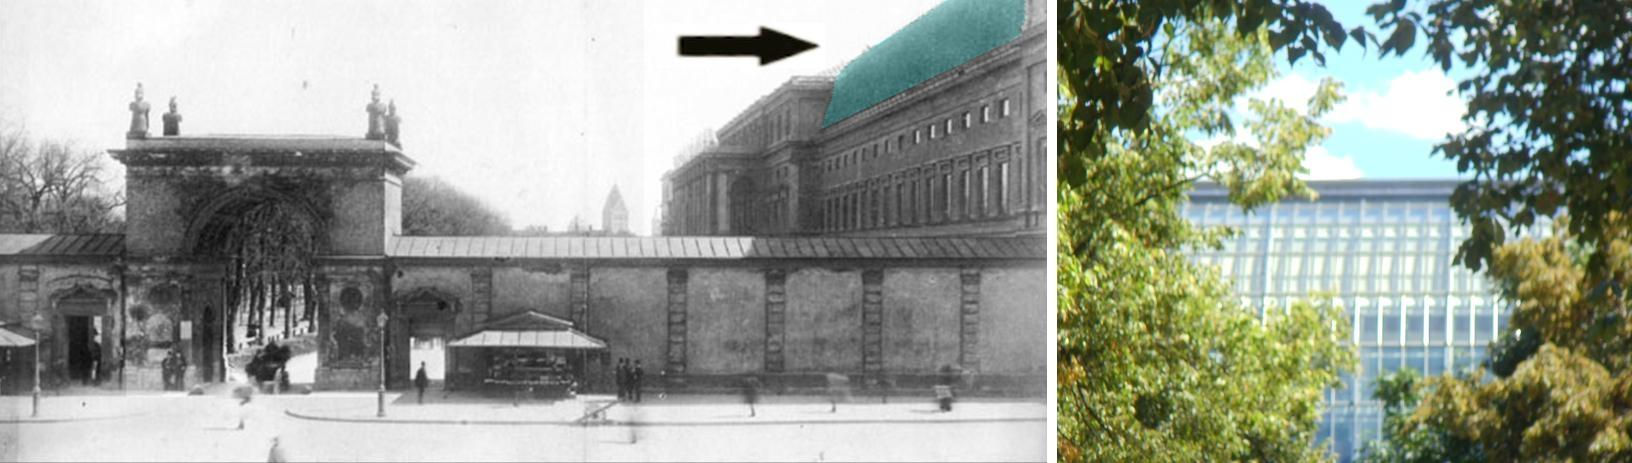 Louis II de Bavière,  et ses châteaux  - Page 3 01813-3_Wintergarten_Ludwig-II._2x_Foto+Staatskanzlei-Glasdach